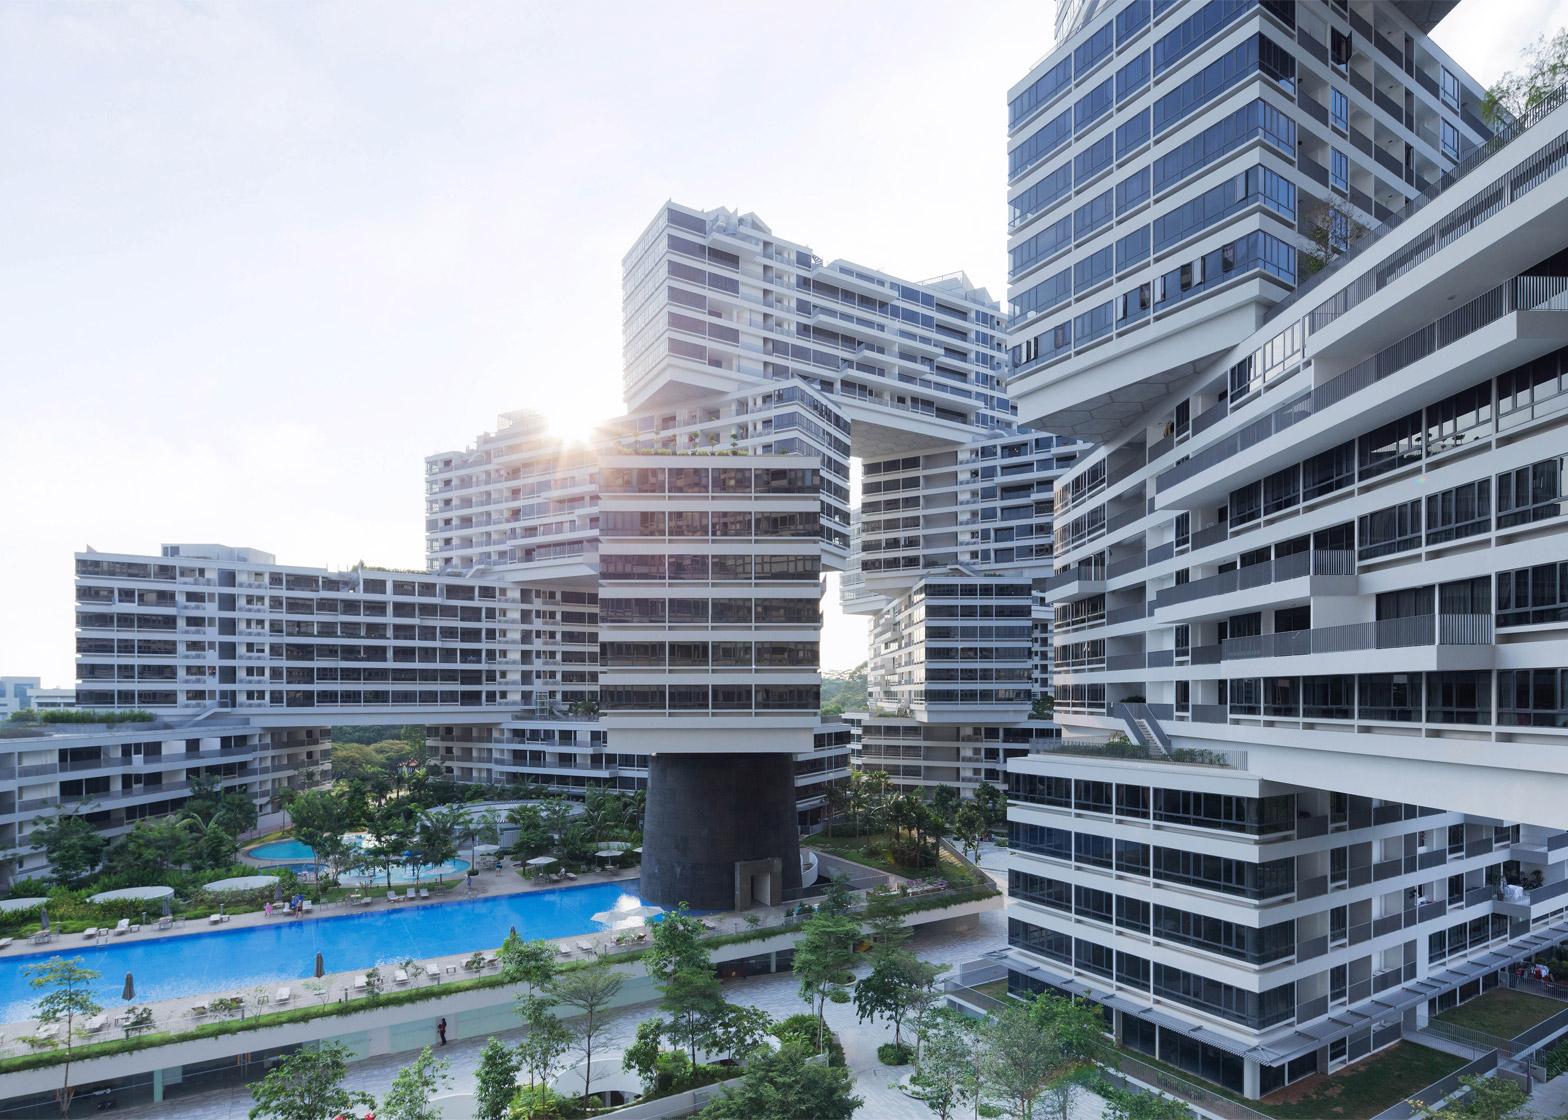 The Interlace, Singapore, by Buro Ole Scheeren